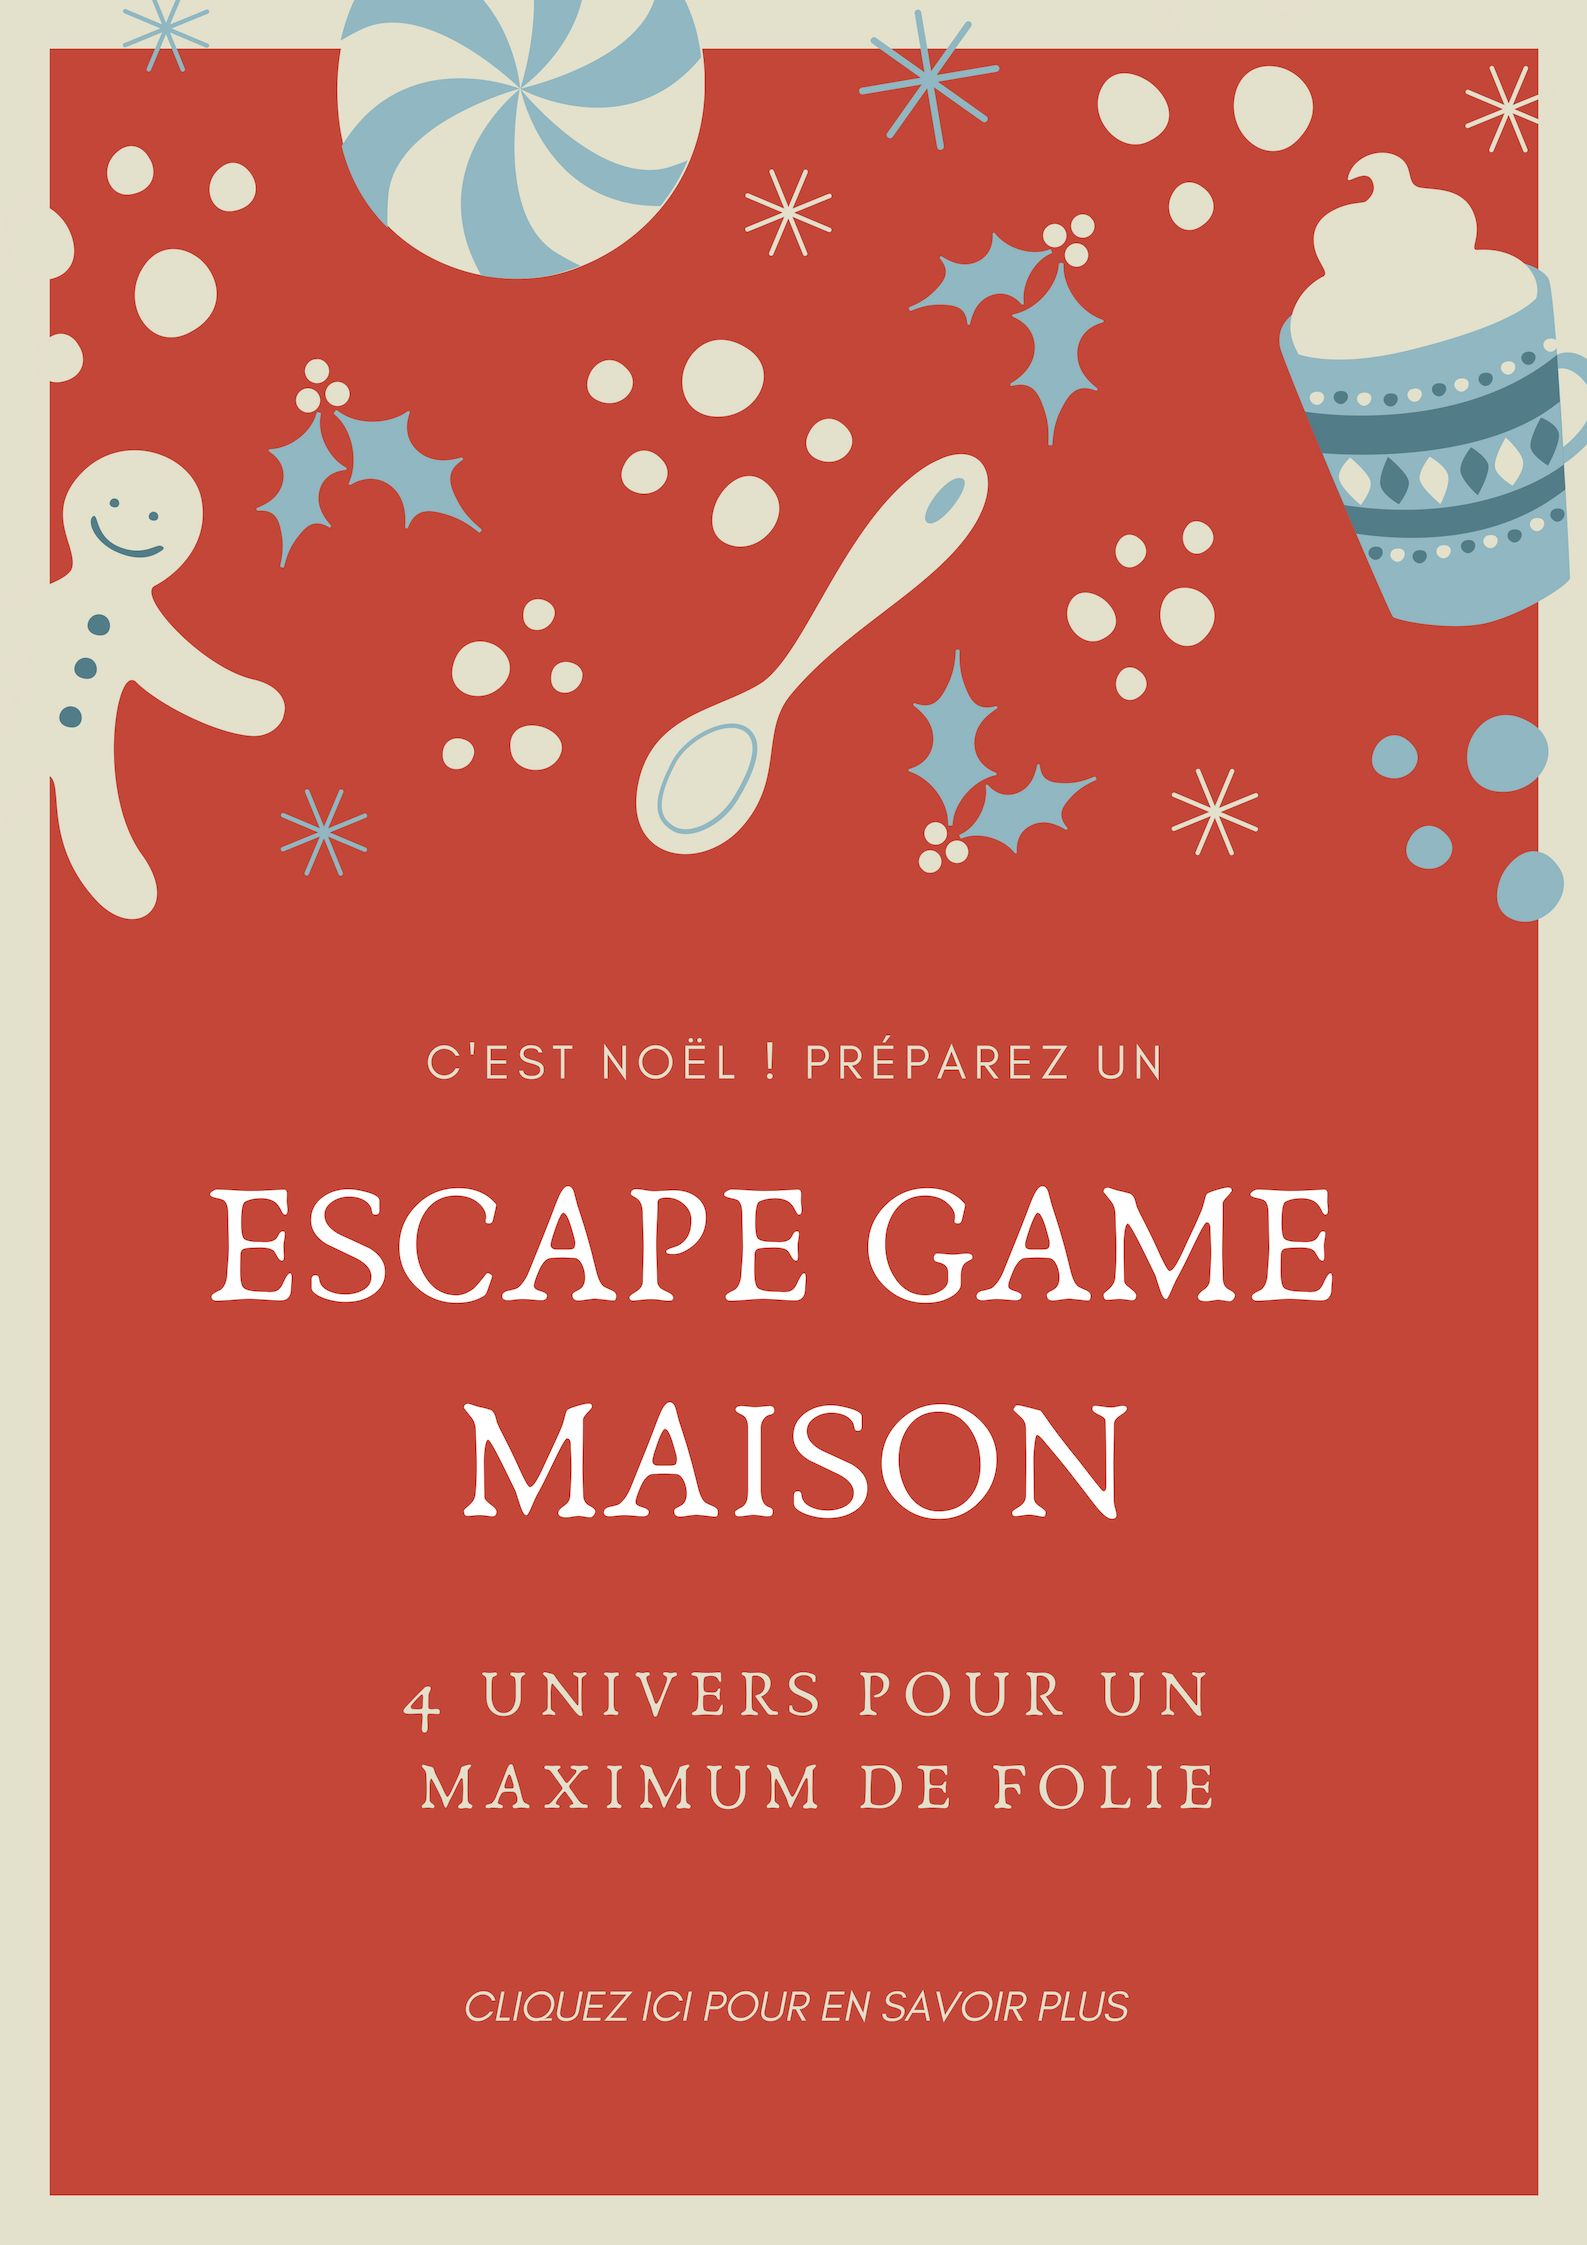 Idée De Jeux En Famille Pour Noel c'est noël ! #escapekit #kit #jeu #printable #printandplay